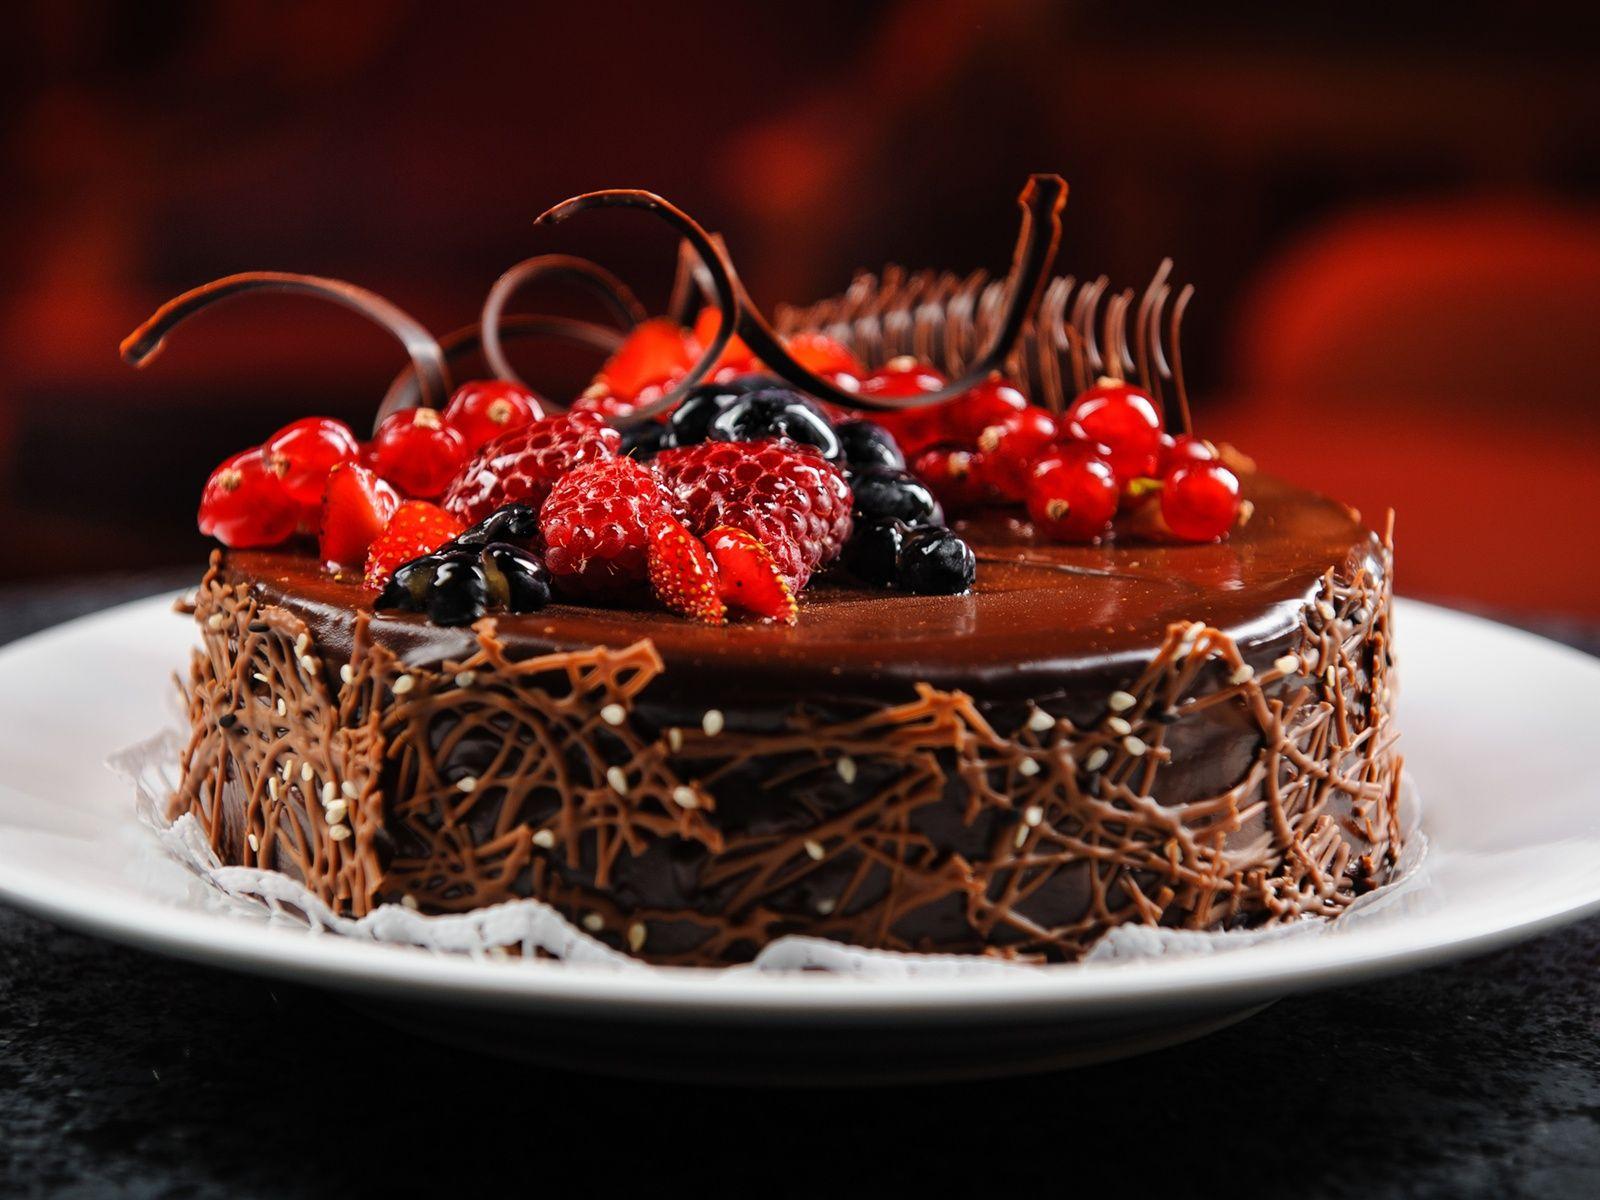 Low Carb Chocolate Birthday Cake